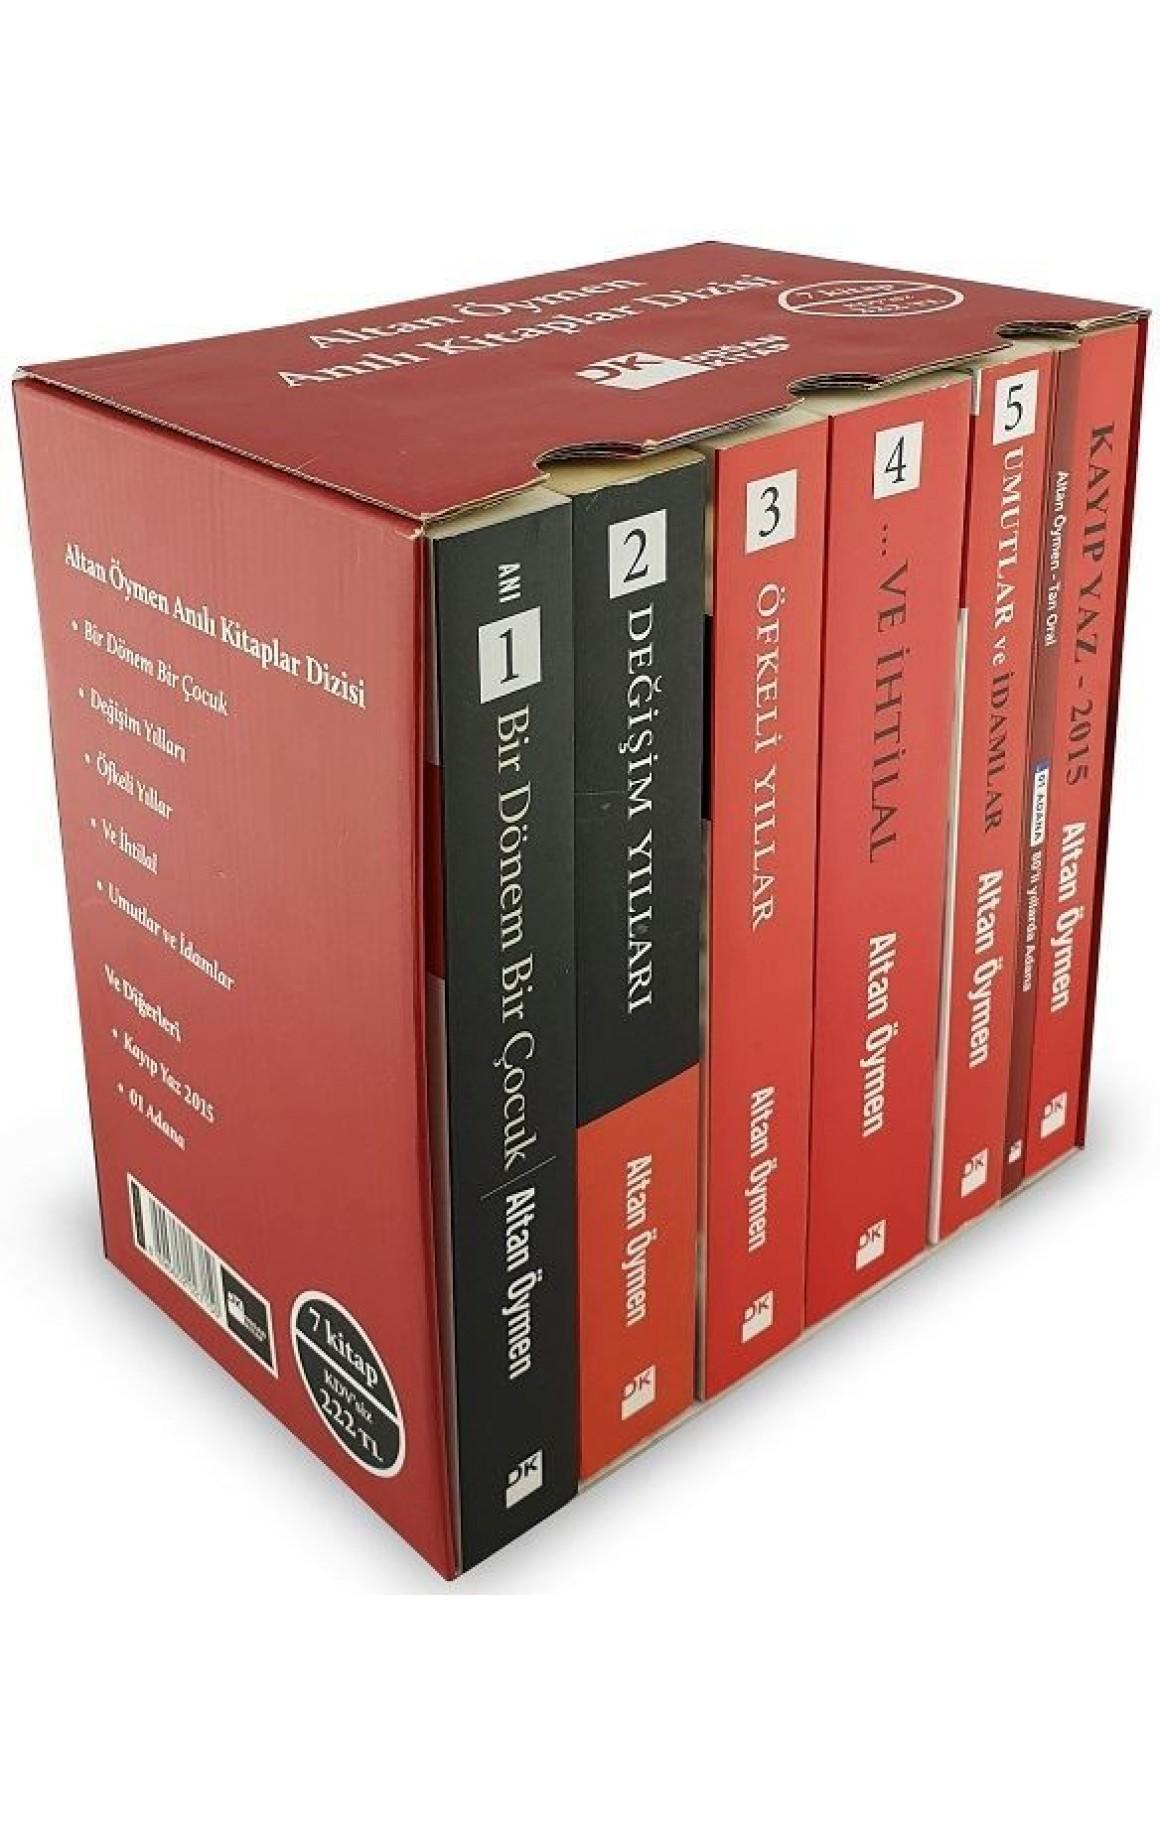 Altan Öymen Anılı Kitaplar Dizisi-7 Kitap Takım